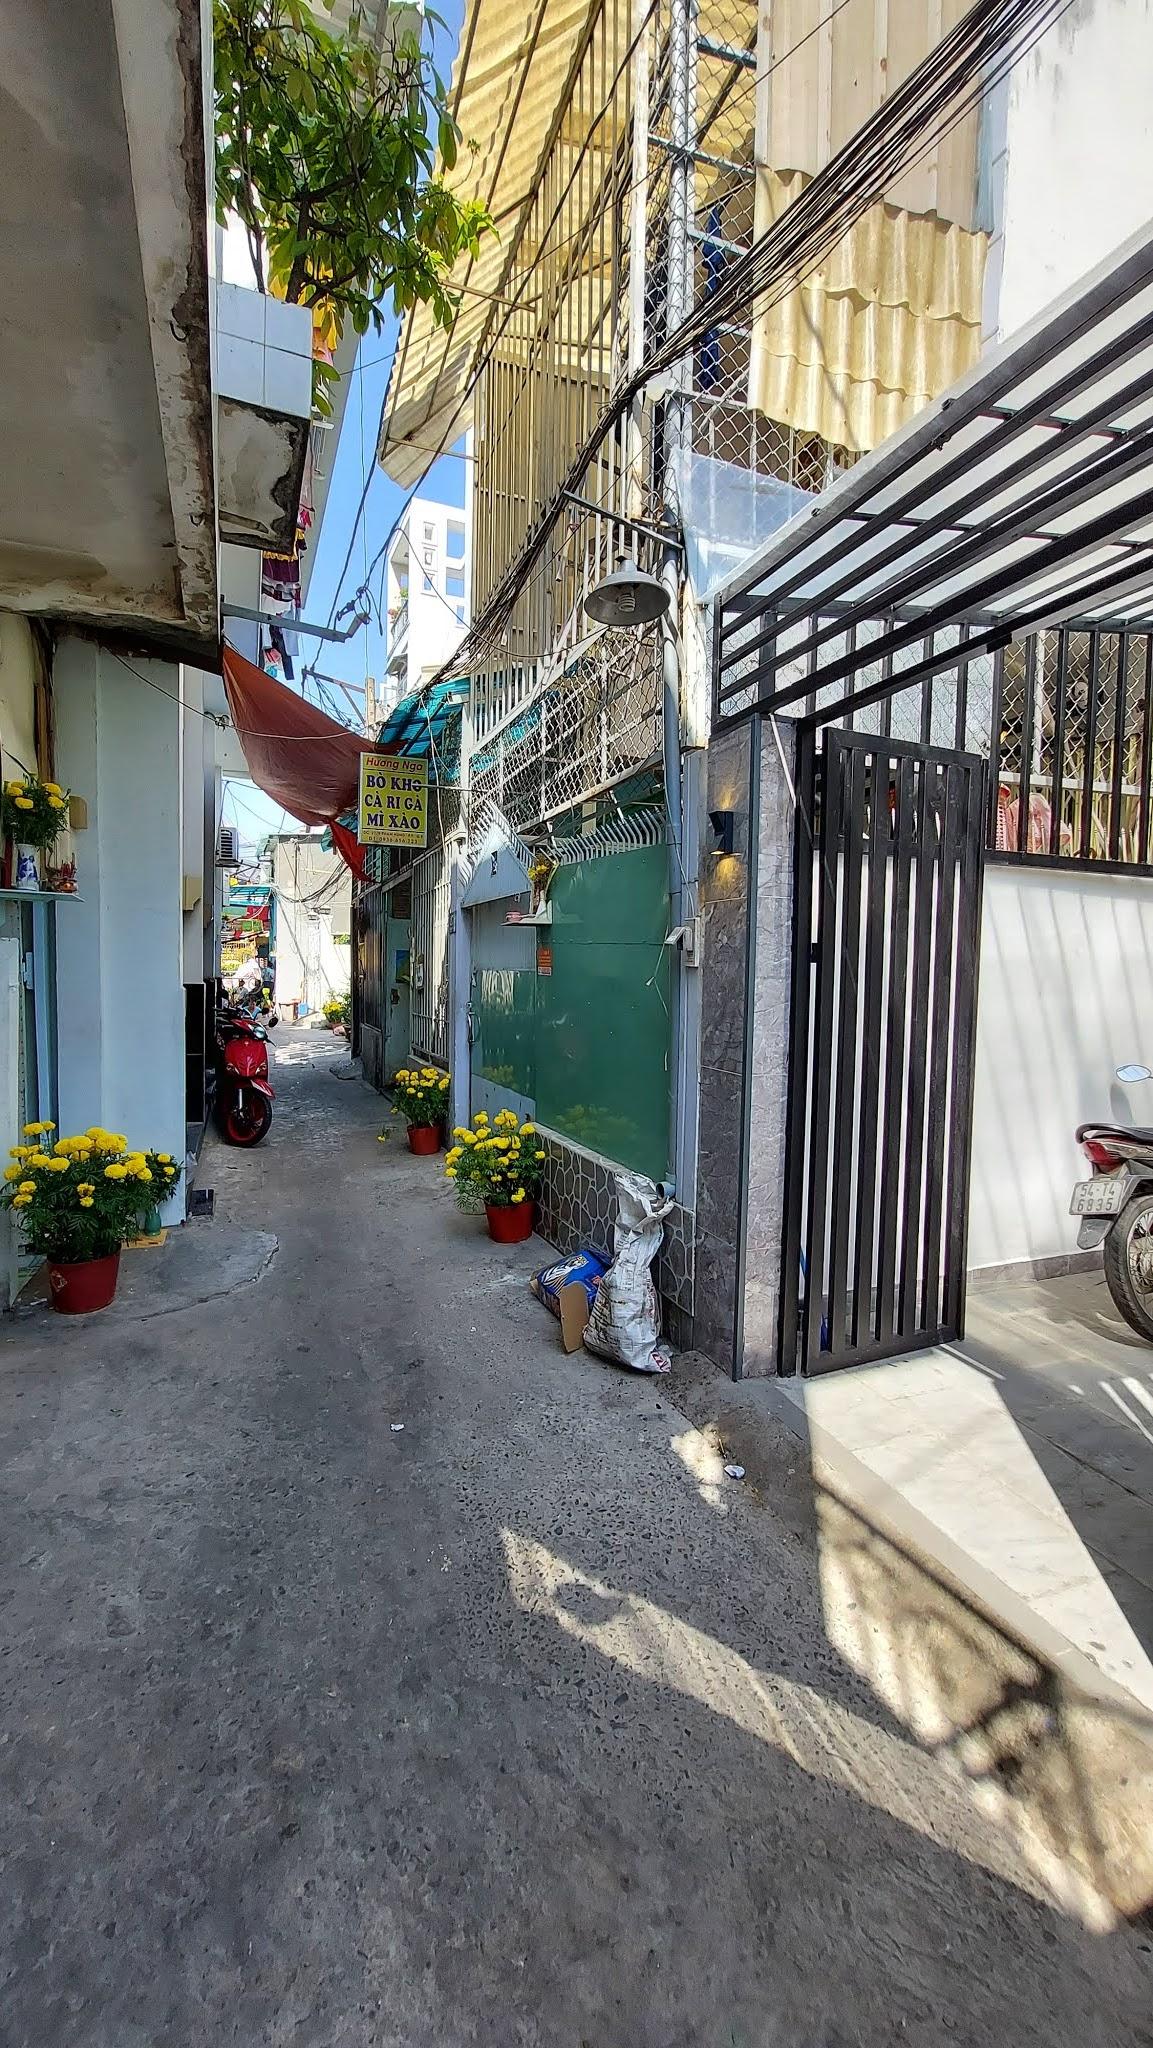 Bán nhà hẻm Phạm Hùng Quận 8 dưới 5 tỷ mới nhất, gần cầu Nguyễn Tri Phương